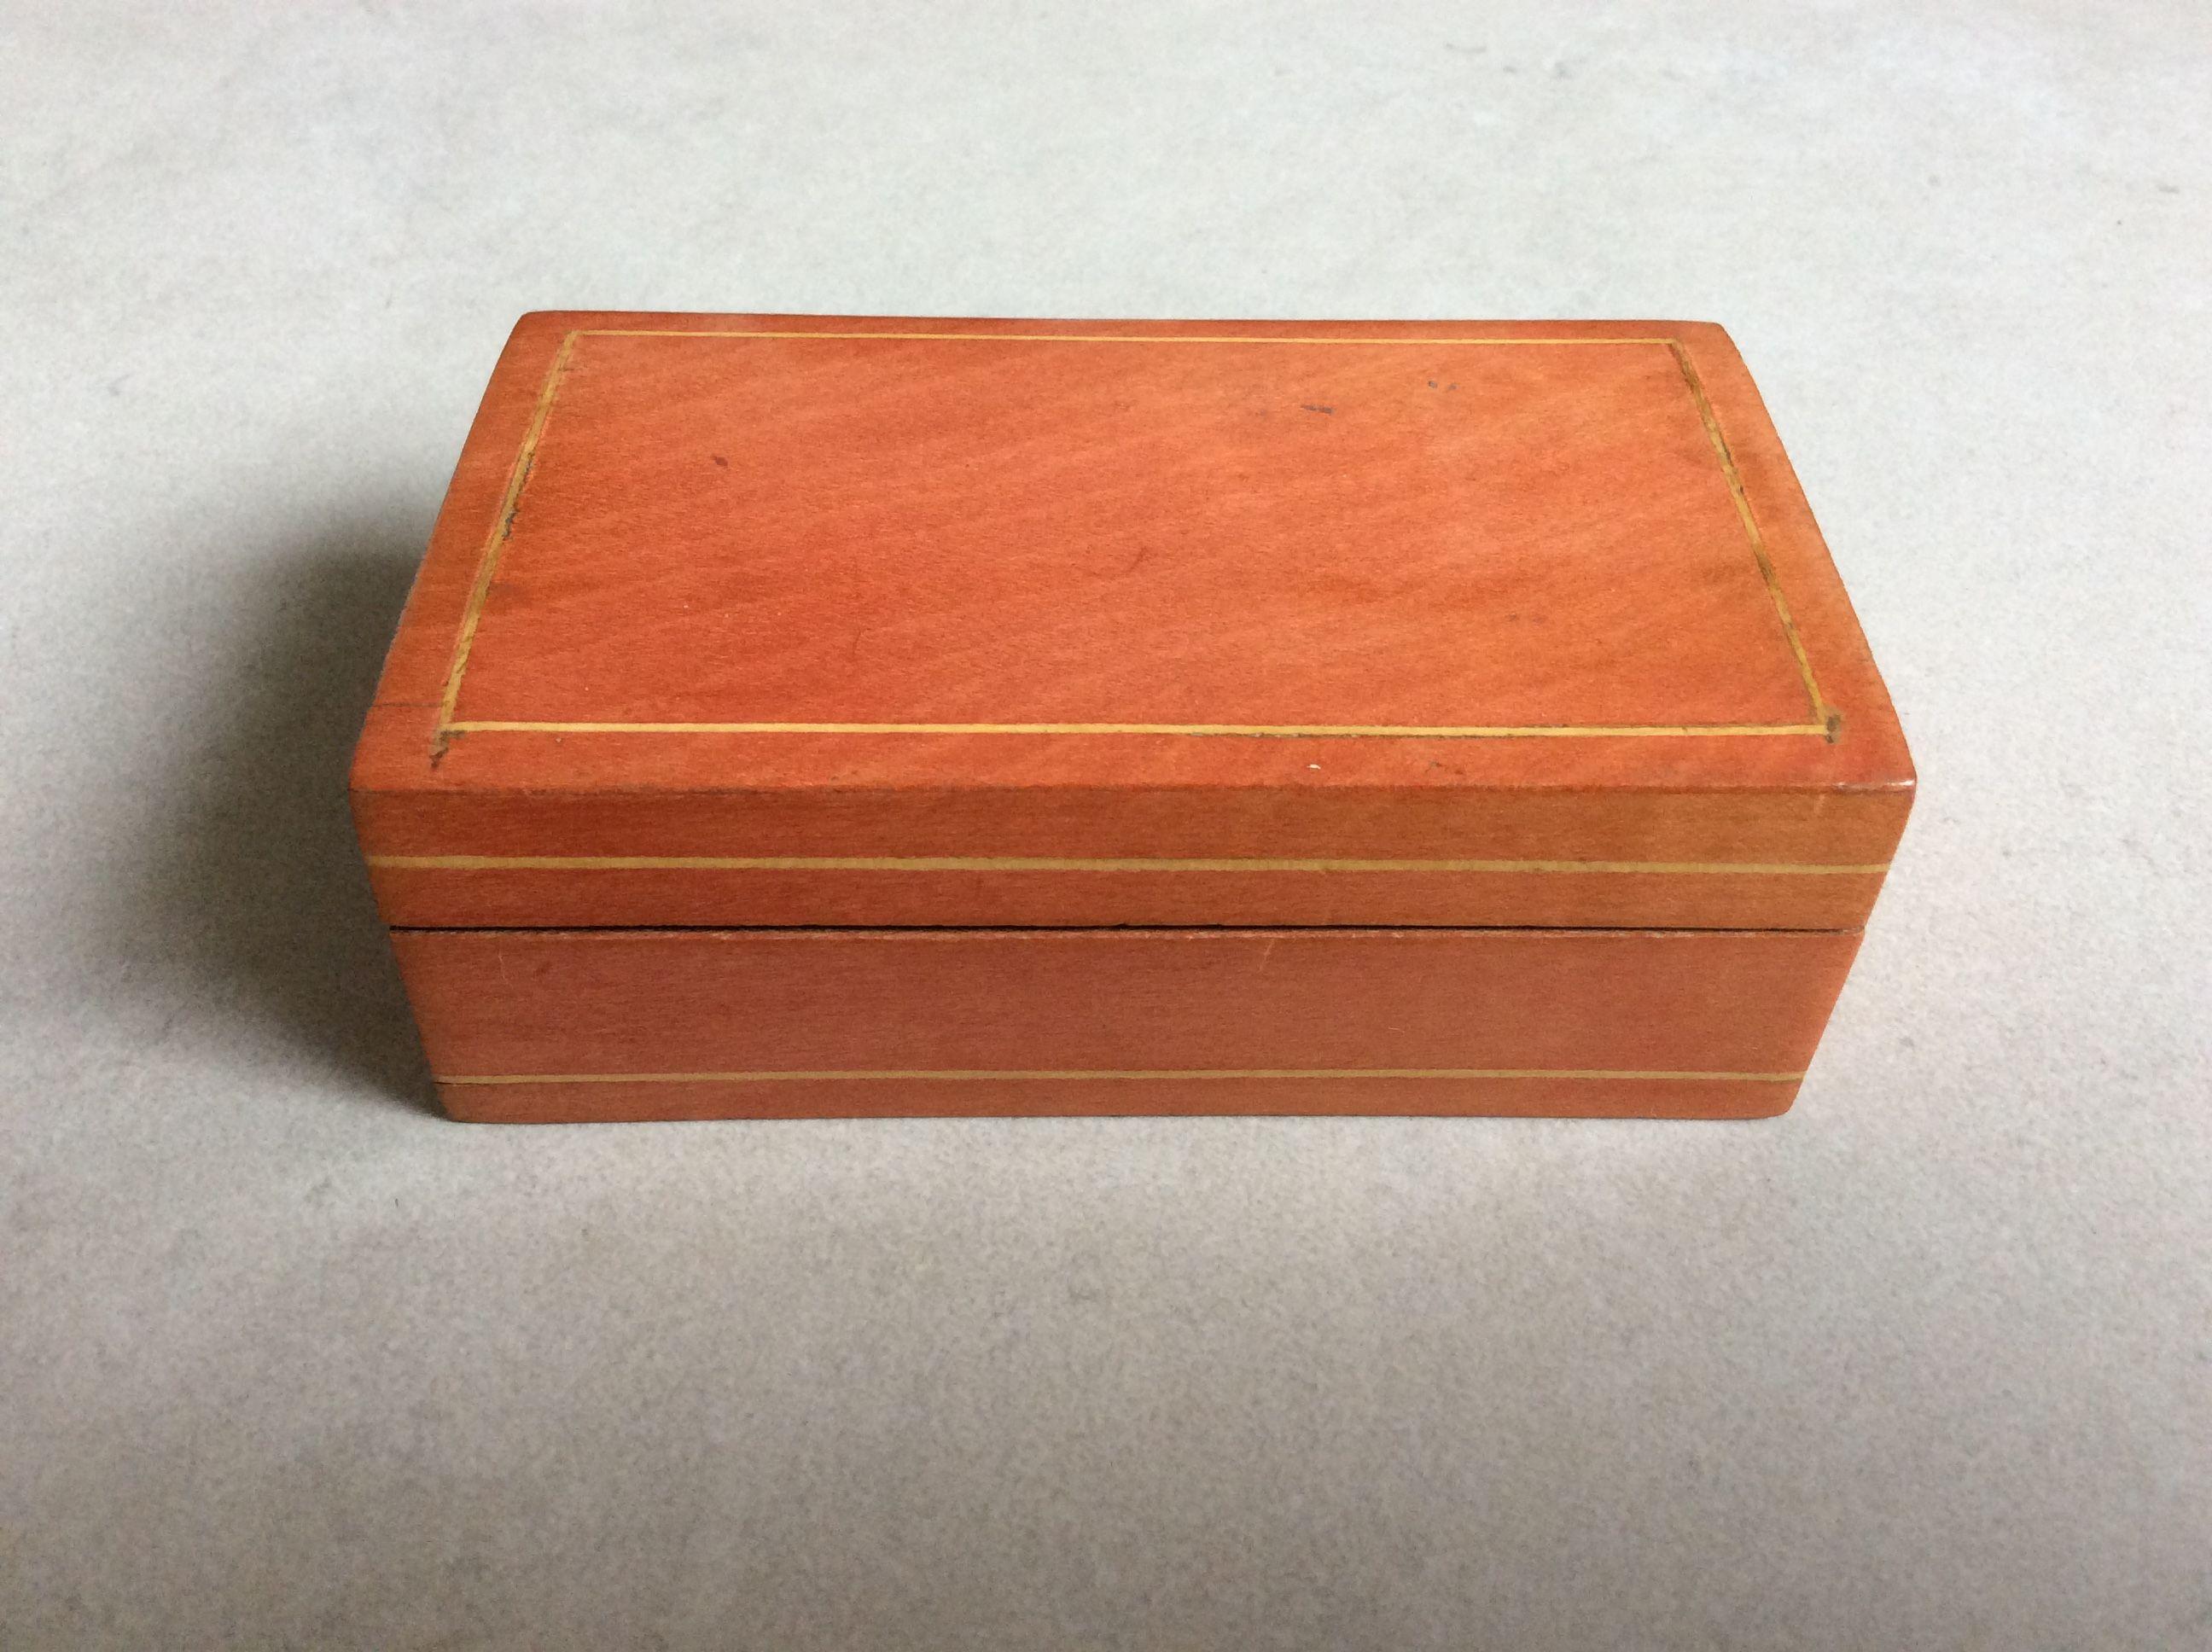 Petite boîte en bois de Spa, poli et incrustation de citronnier